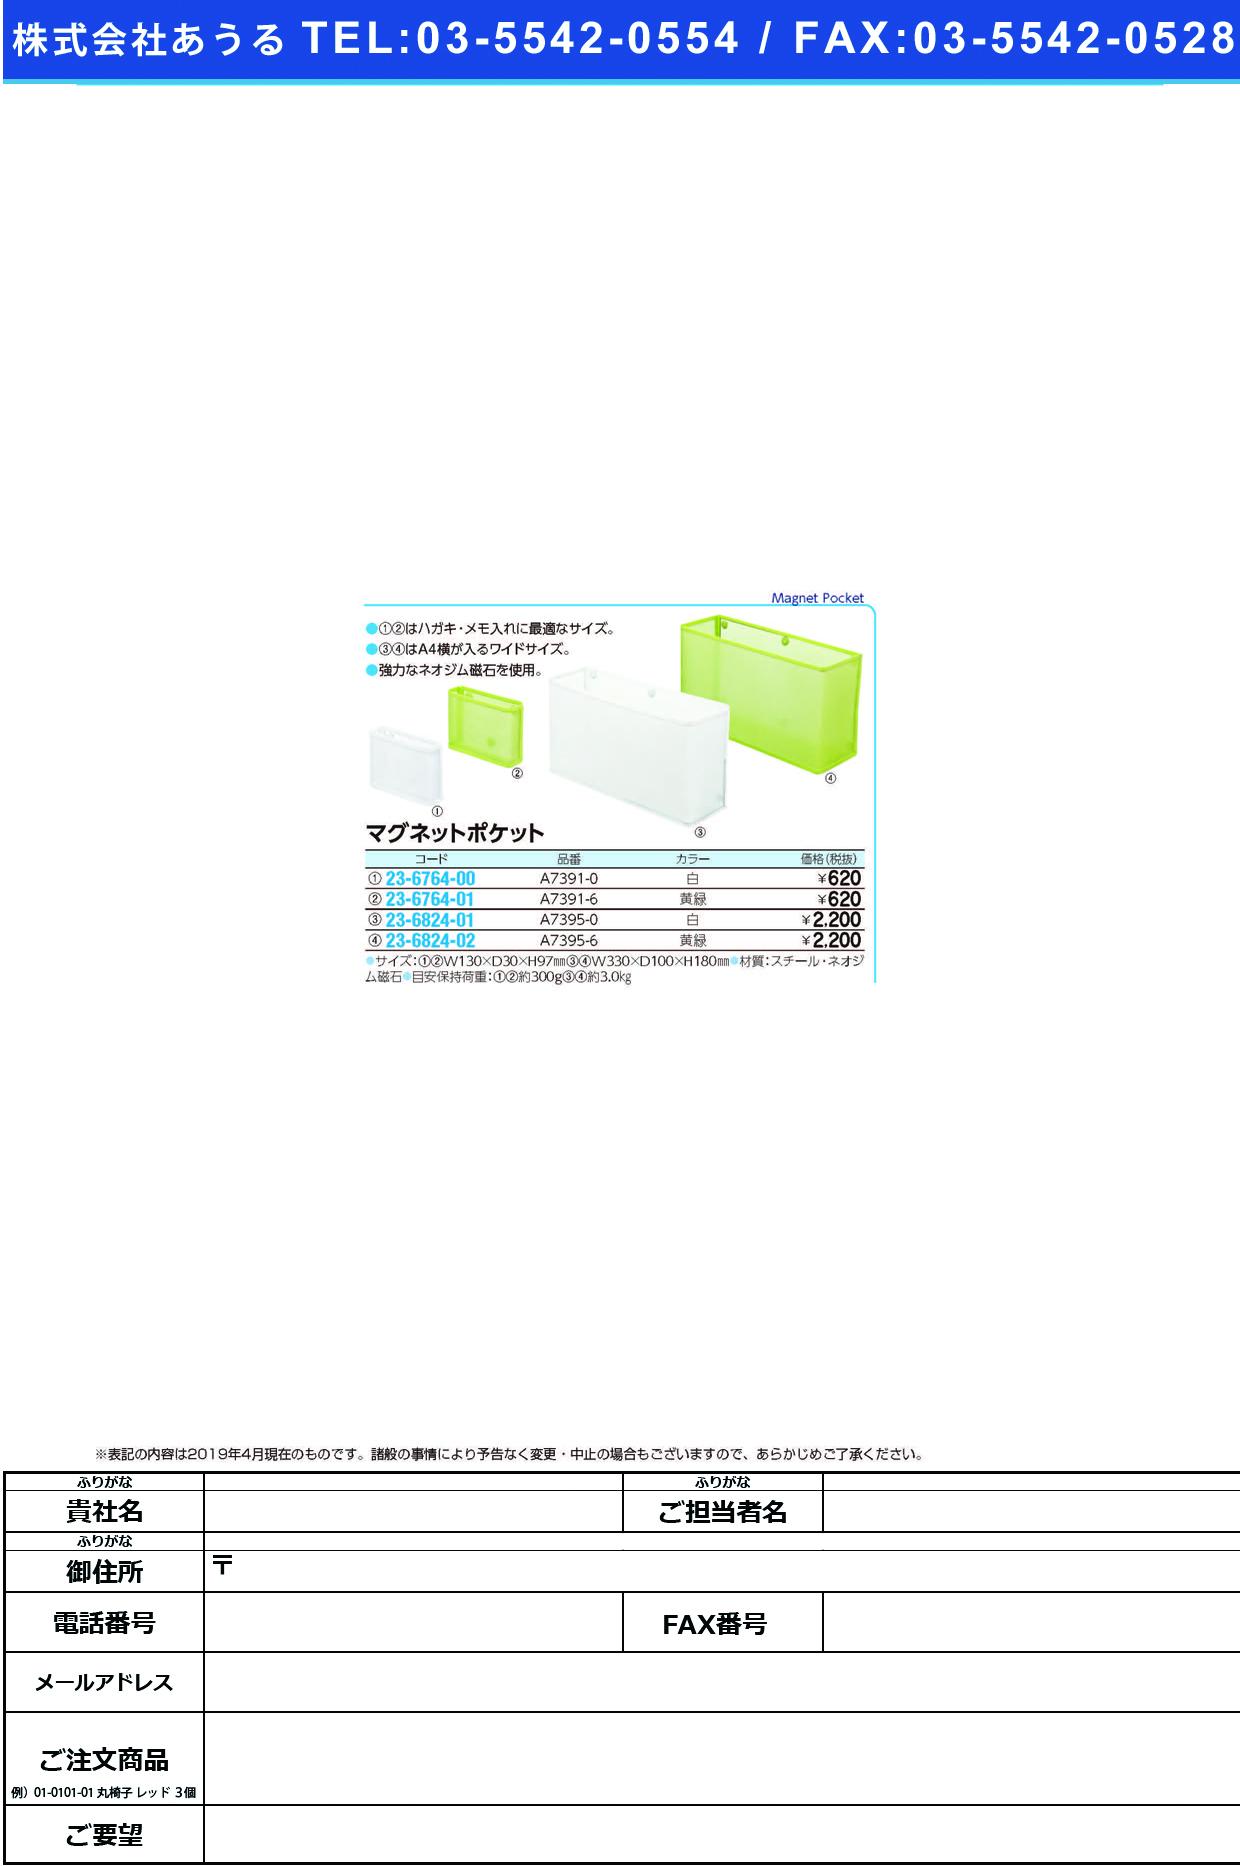 (23-6764-01)マグネットポケット(メモ) A7391-6(キミドリ) マグネットポケット(メモ)(LIHITLAB.)【1個単位】【2019年カタログ商品】